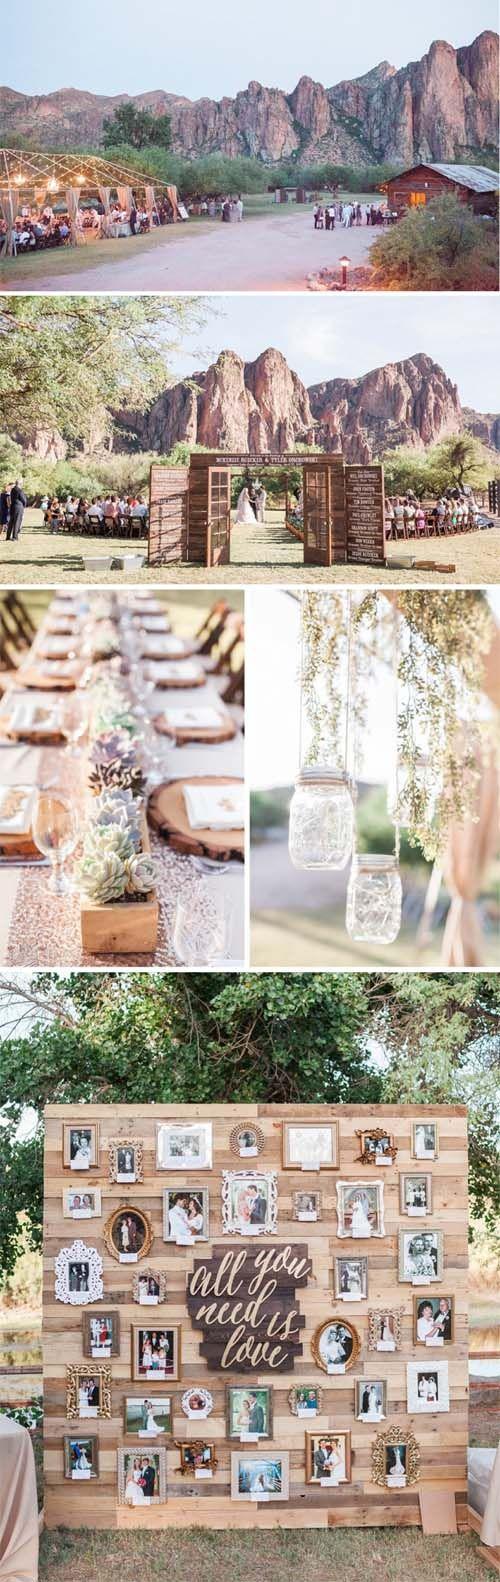 One of many gorgeous Wedding backdrops in Arizona